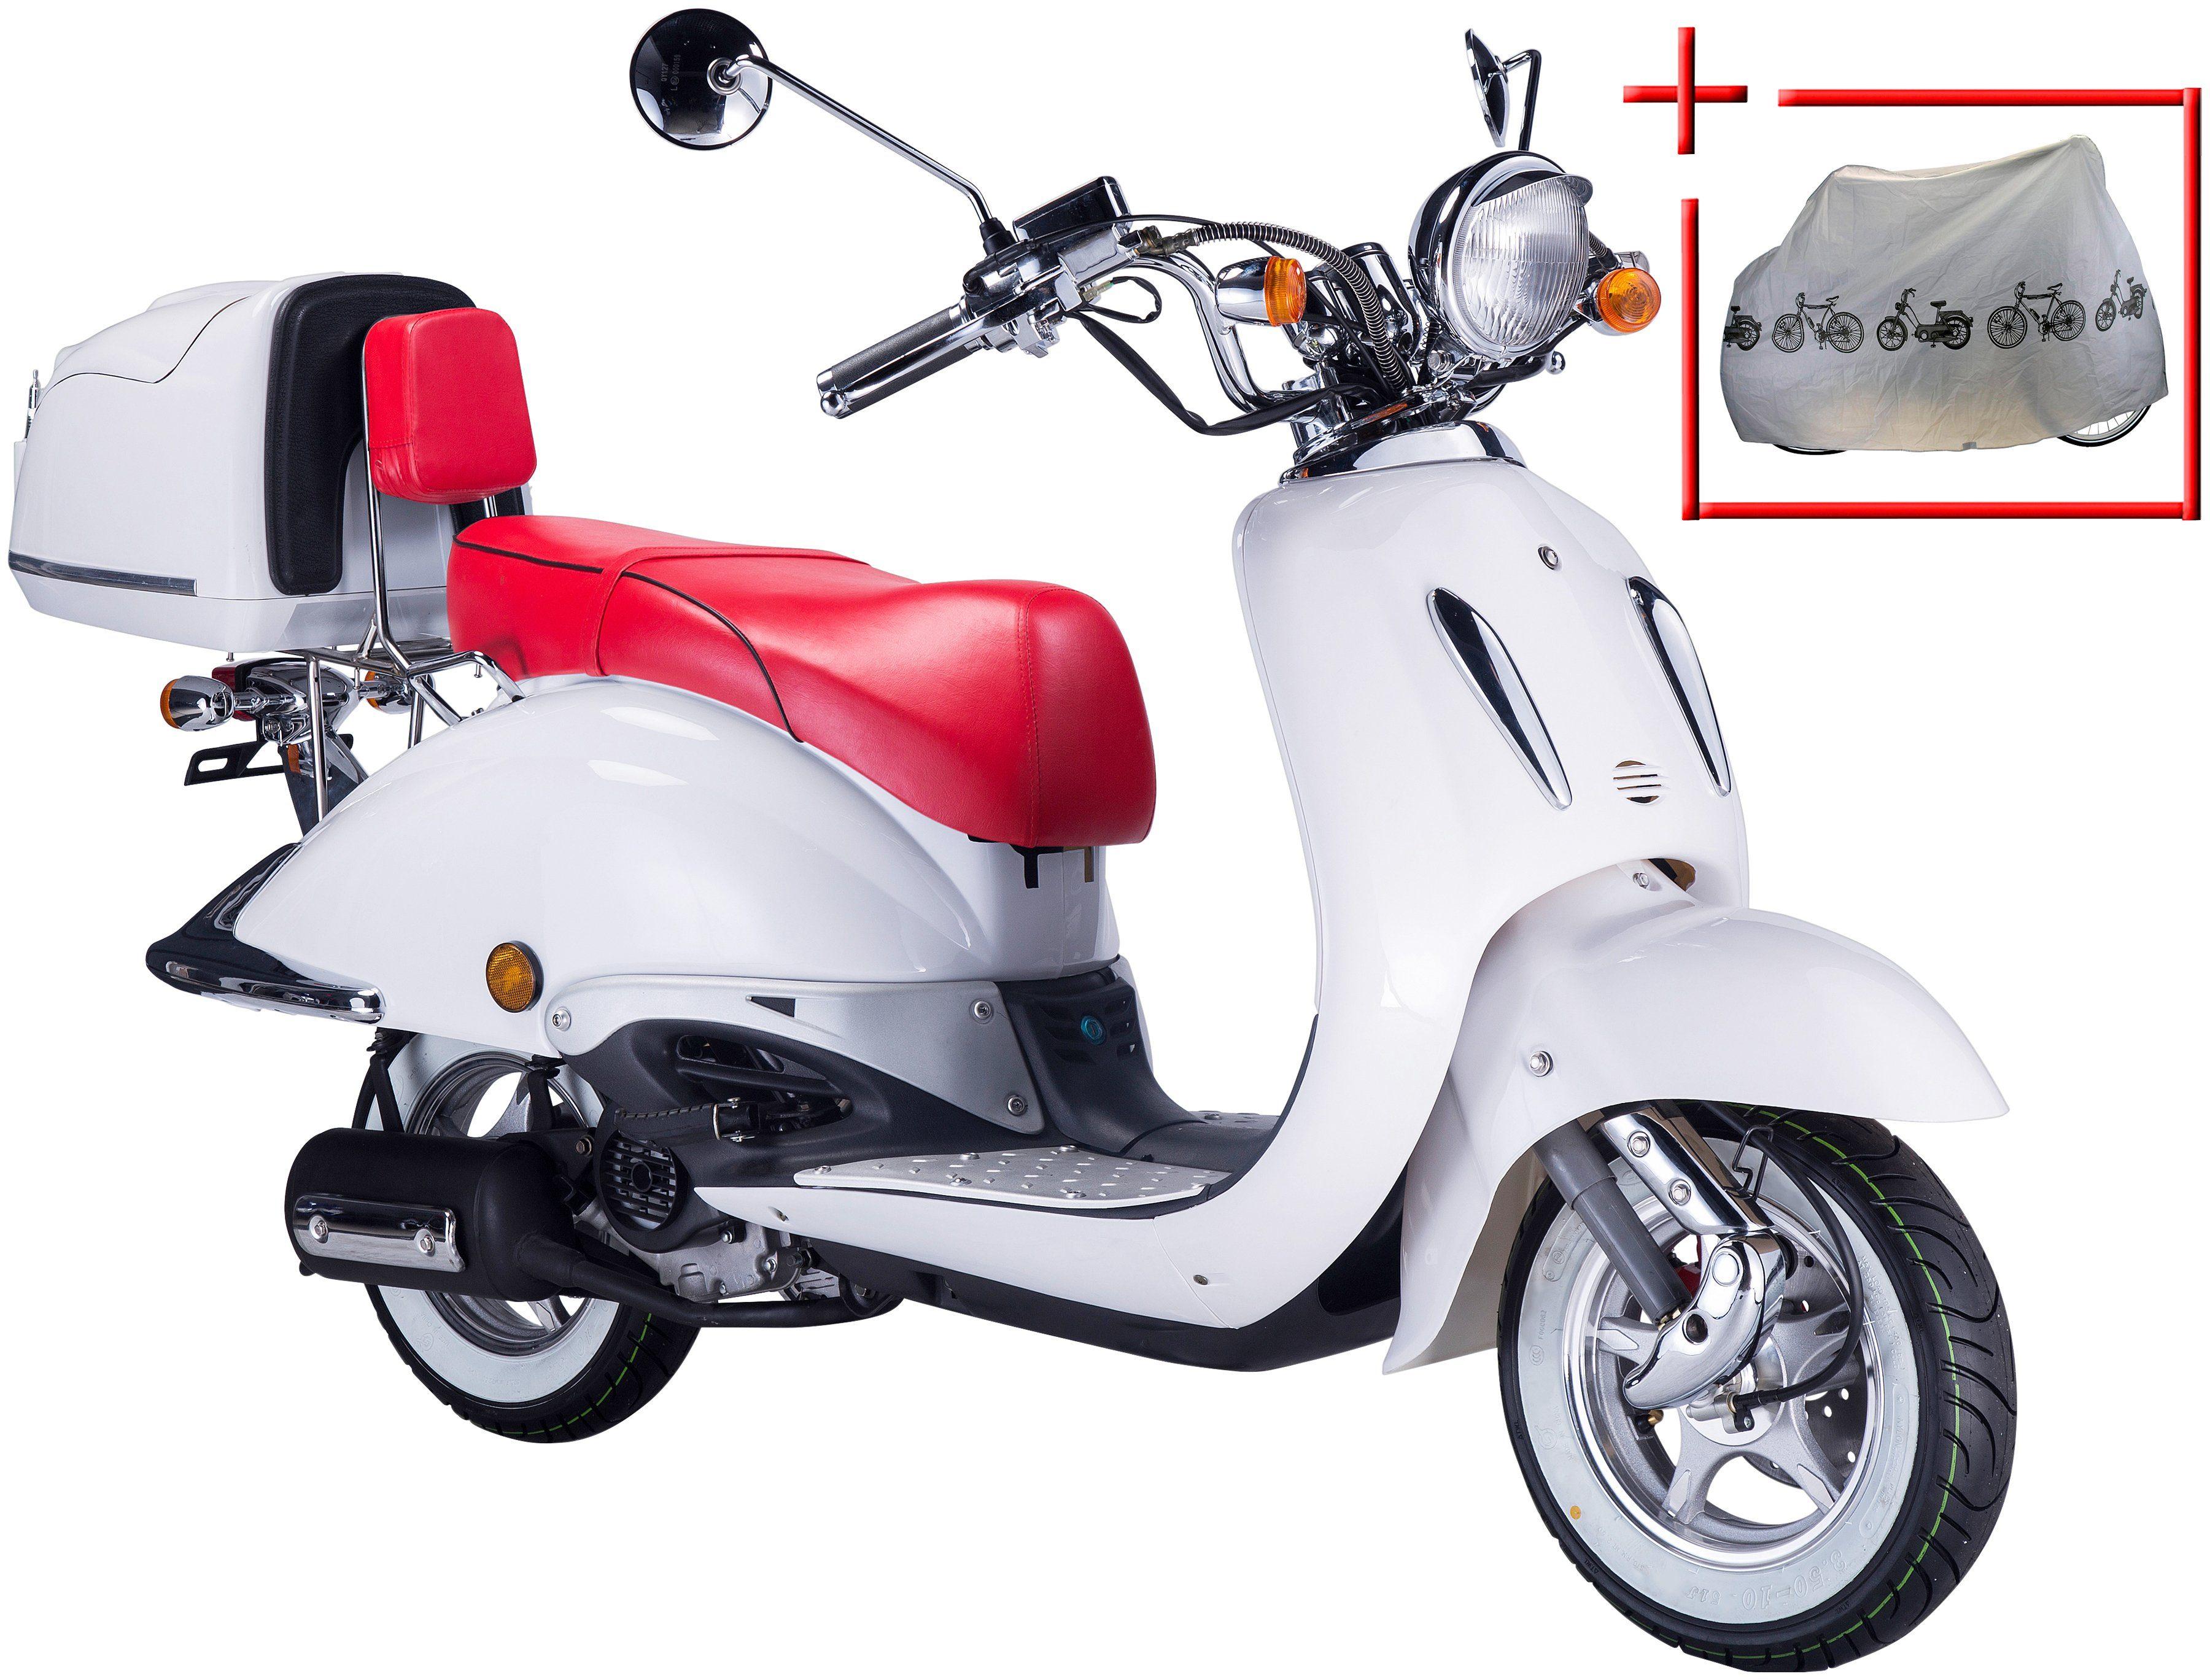 GT UNION Motorroller »Strada«, 50 ccm, weiß-rot